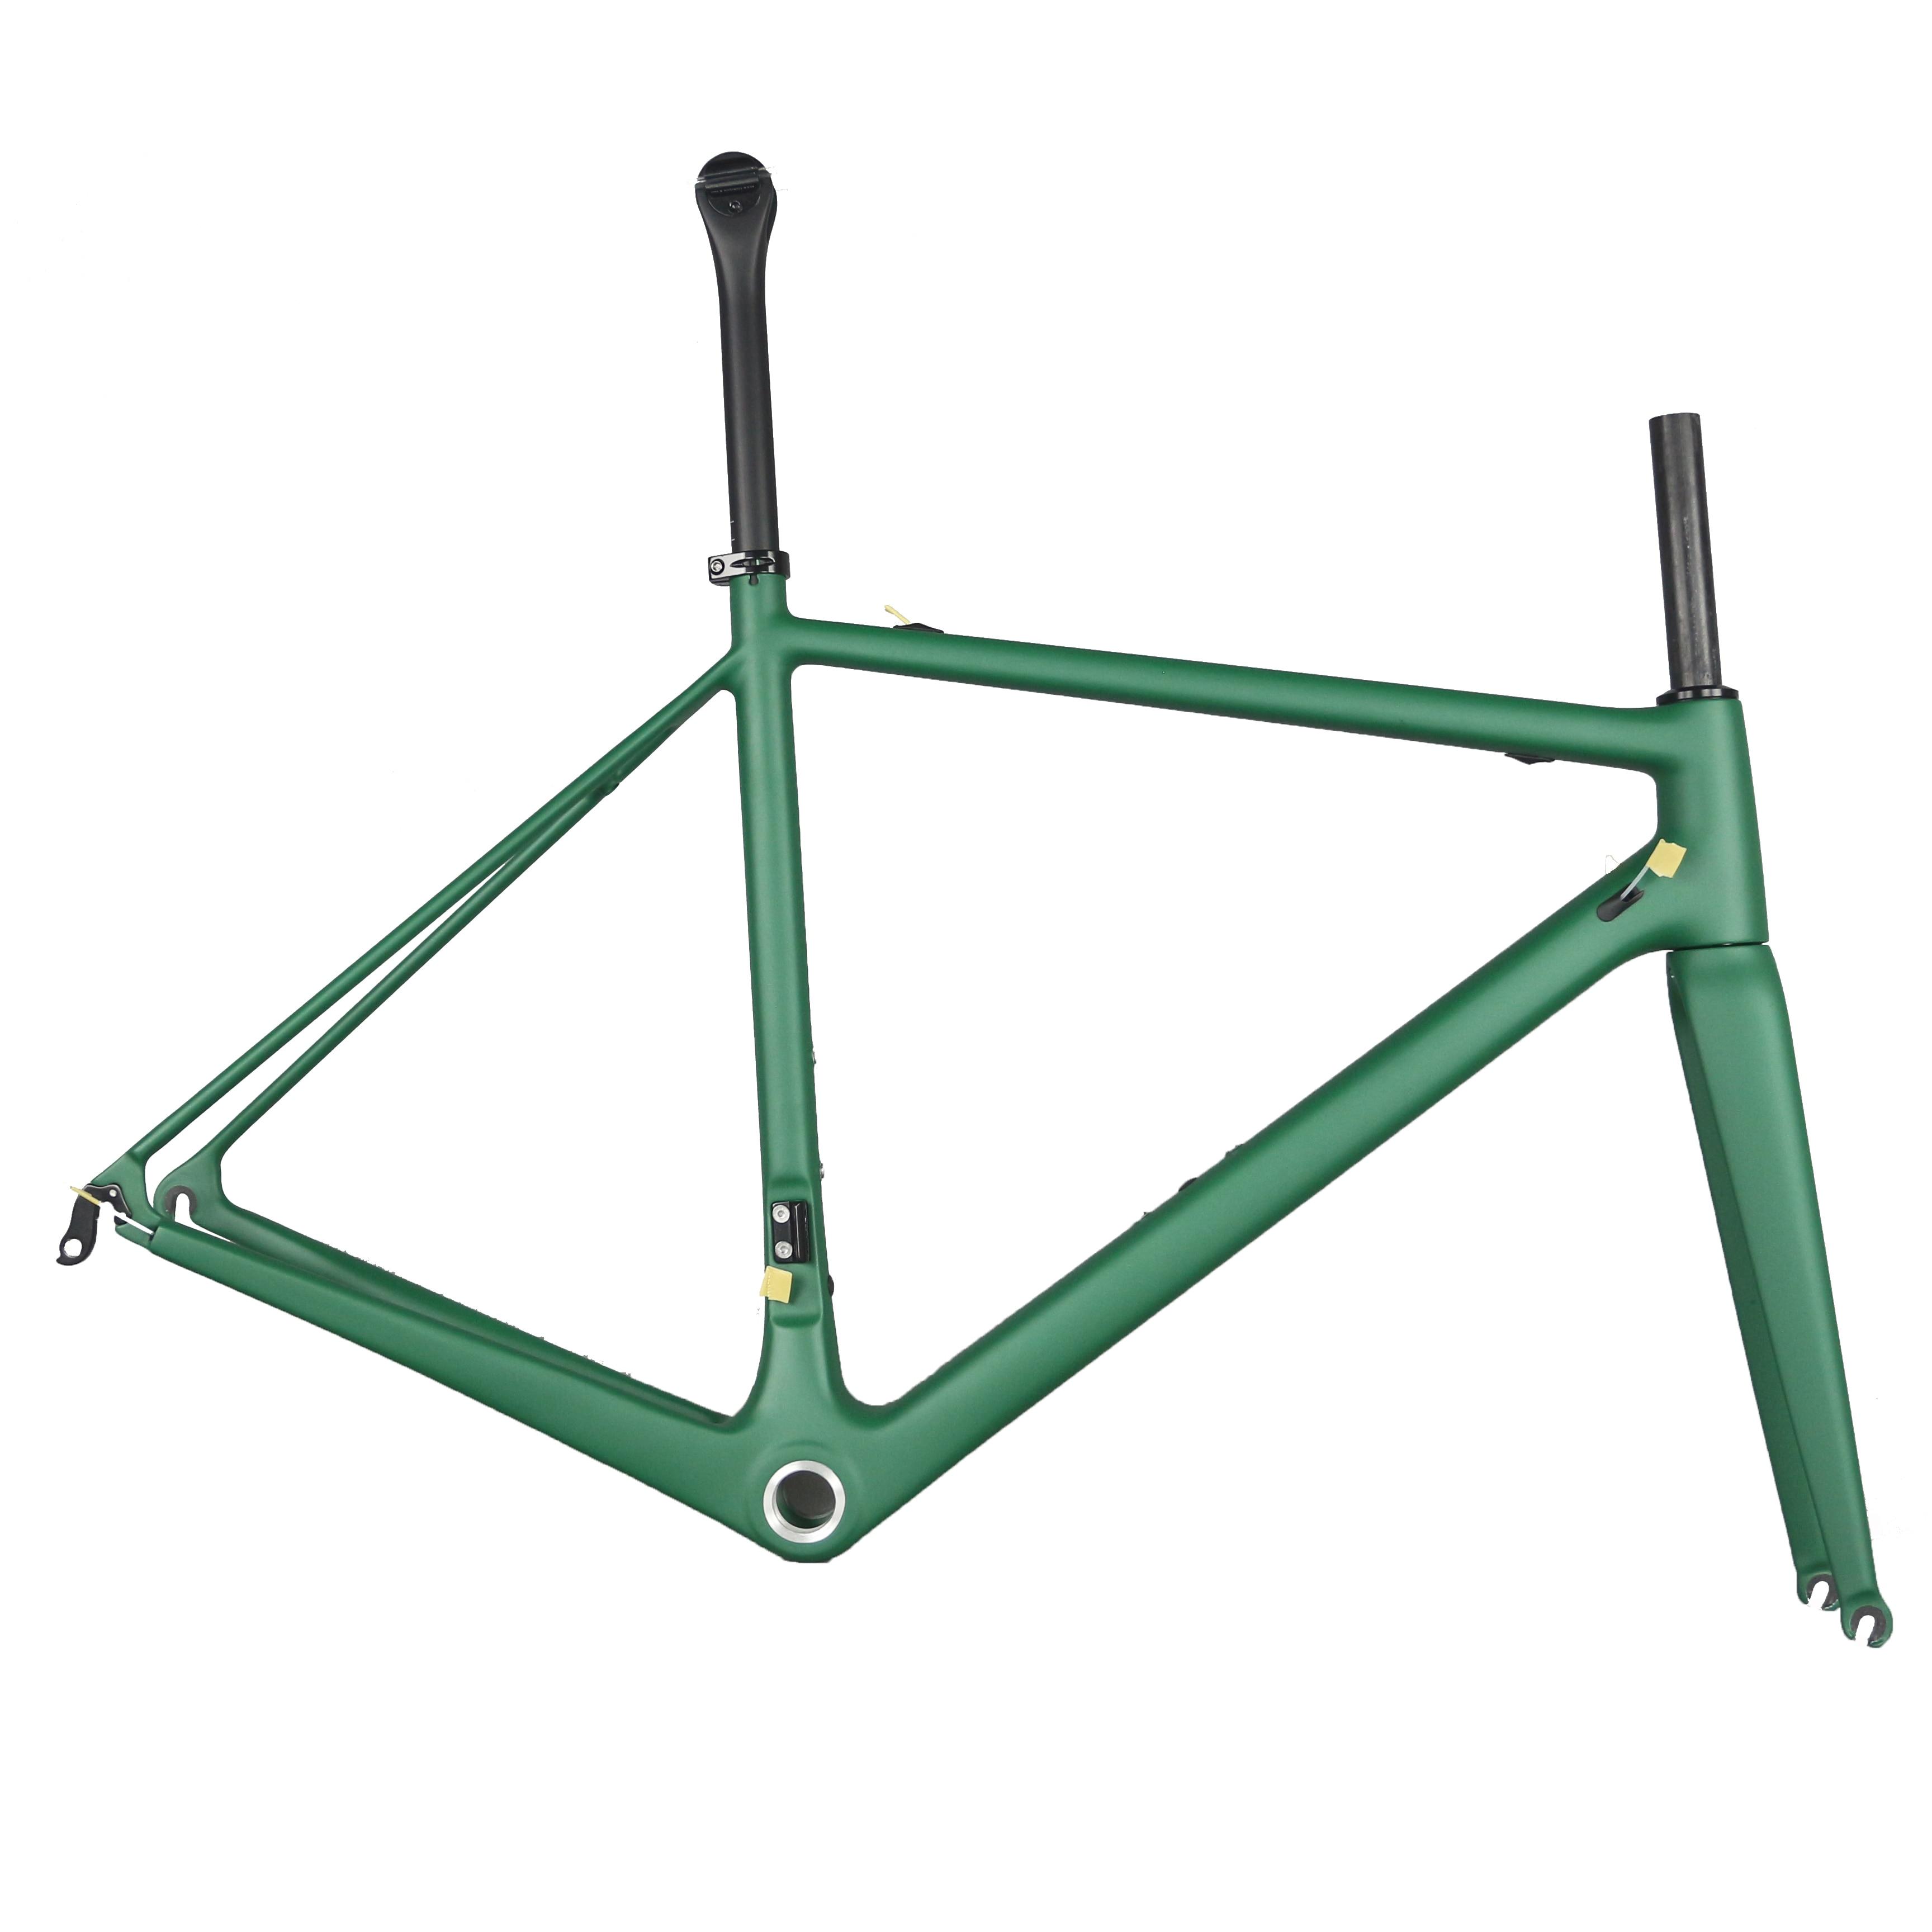 Nouveau cadre carbone vélo de route série DI2 FM066, cadre ultra léger en gros. acceptez les cadres de vélo peints sur mesure